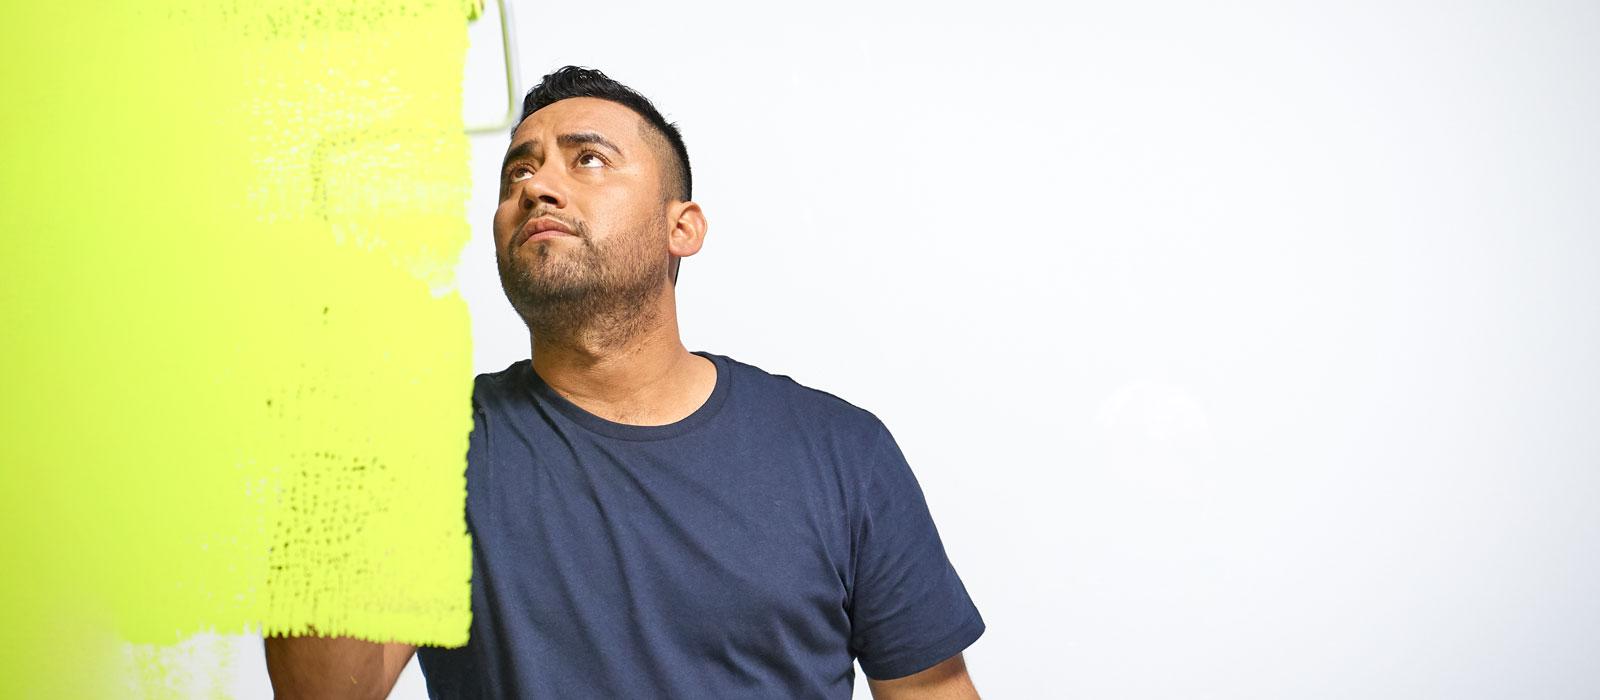 El pintor profesional Bernie aplica pintura verde con un rodillo en una pared